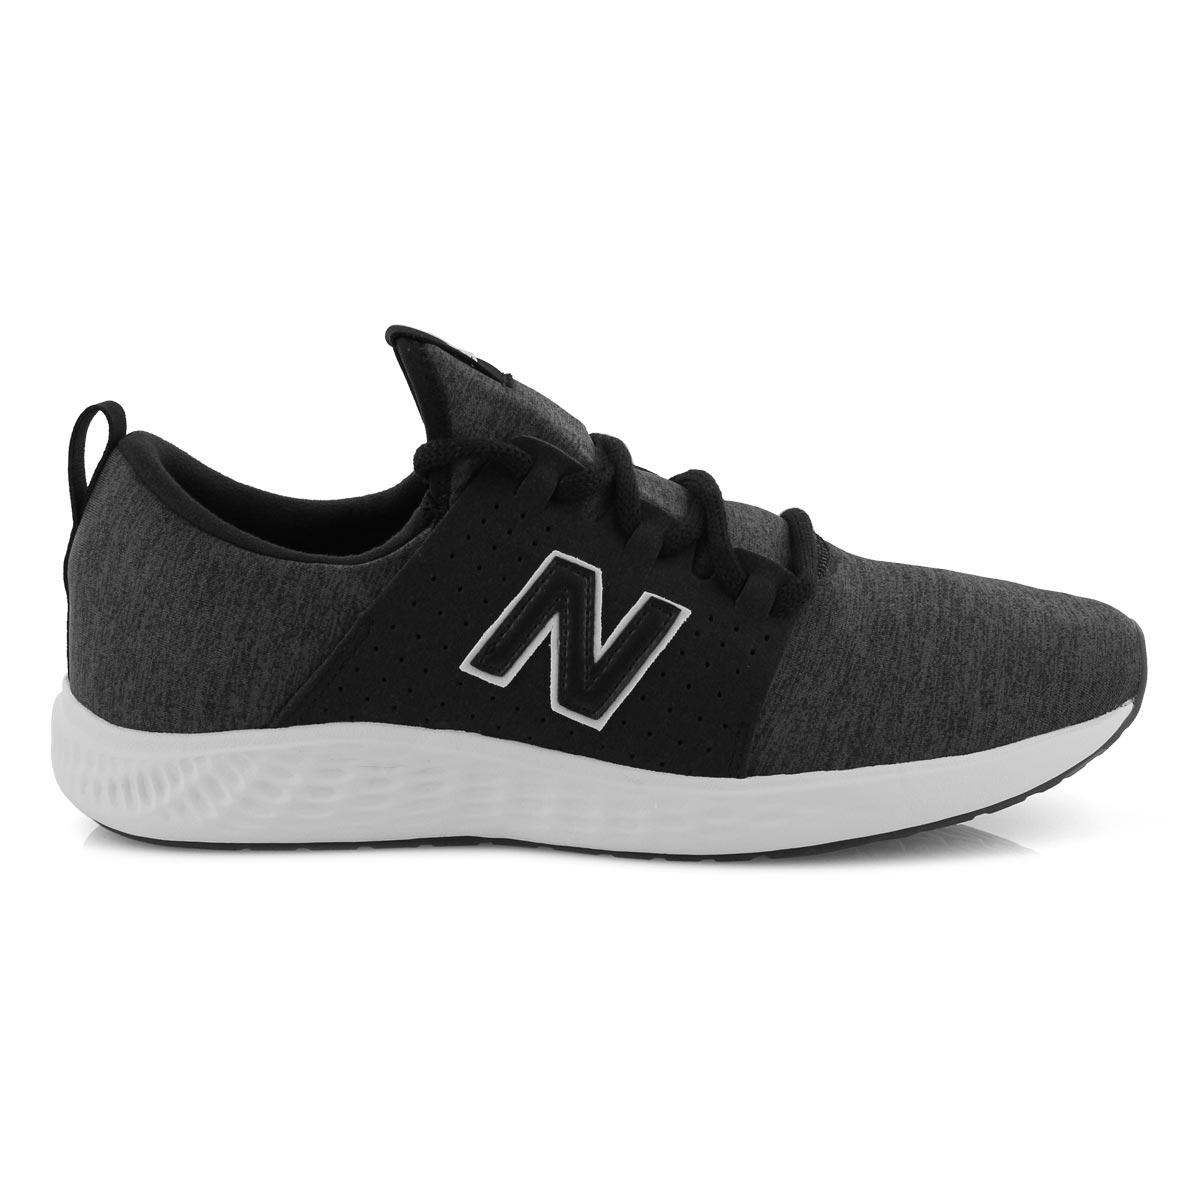 Mns SPTv1 black/magnet running shoe